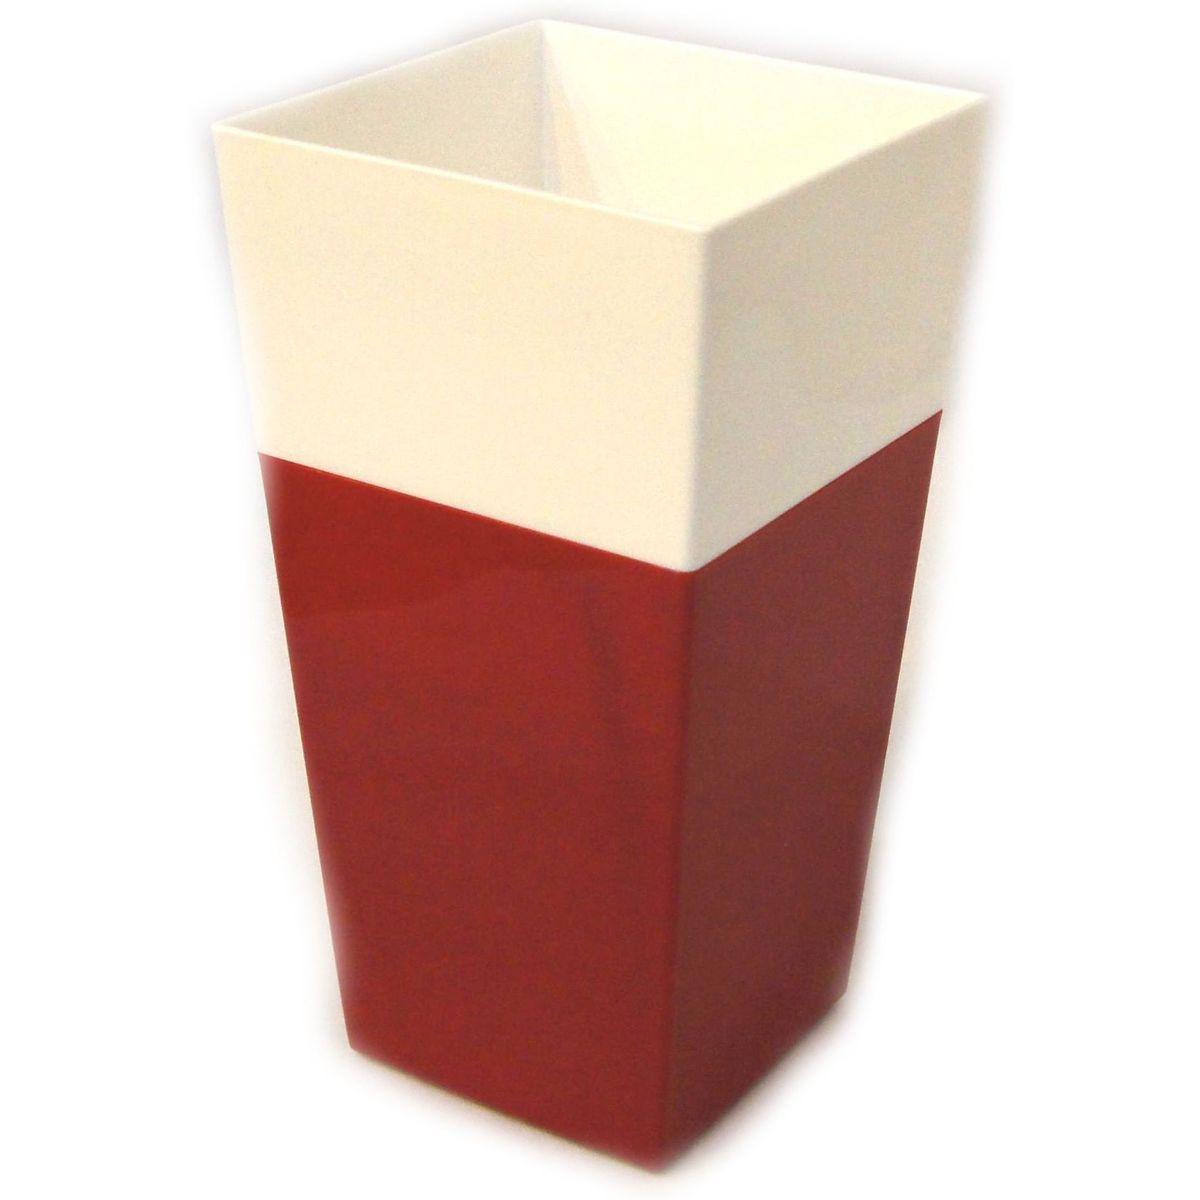 Кашпо JetPlast Дуэт, цвет: красный, белый, высота 34 см4612754052615Кашпо имеет строгий дизайн и состоит из двух частей: верхней части для цветка и нижней – поддона. Конструкция горшка позволяет, при желании, использовать систему фитильного полива, снабдив горшок веревкой. Оно изготовлено из прочного полипропилена (пластика).Размеры кашпо: 18 х 18 х 34 см.